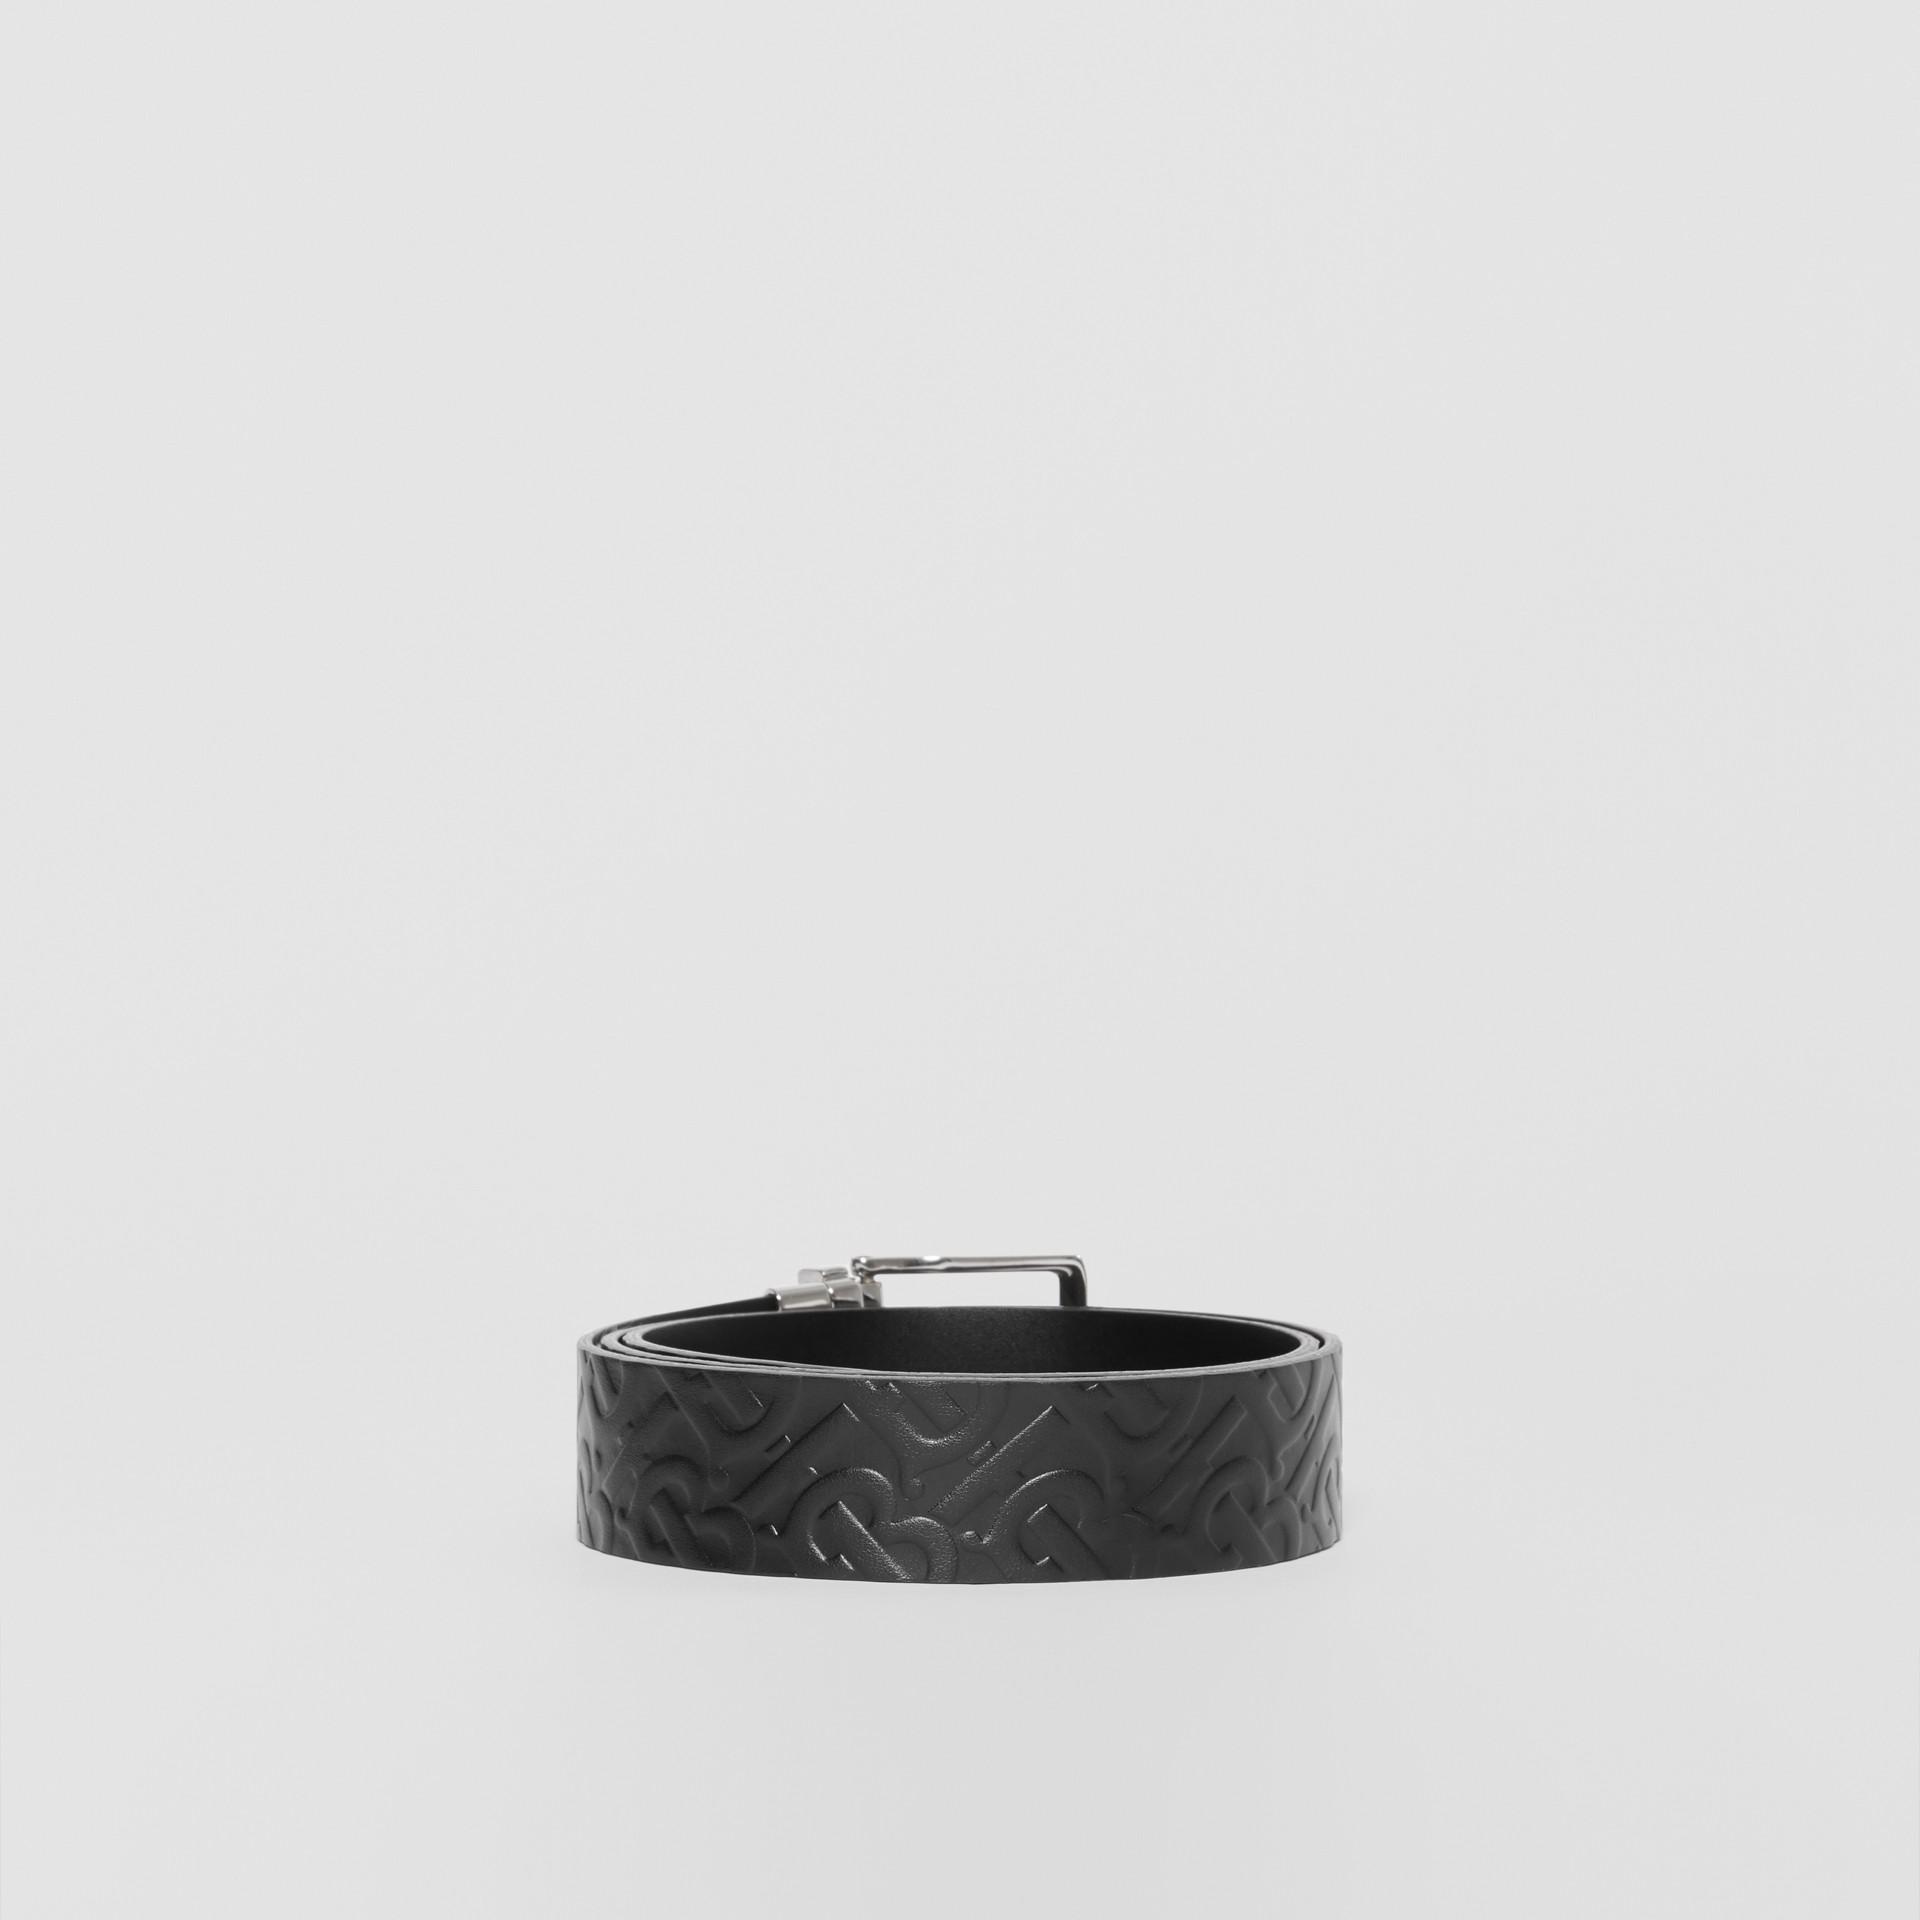 Ceinture en cuir réversible Monogram (Noir) - Homme | Burberry - photo de la galerie 4